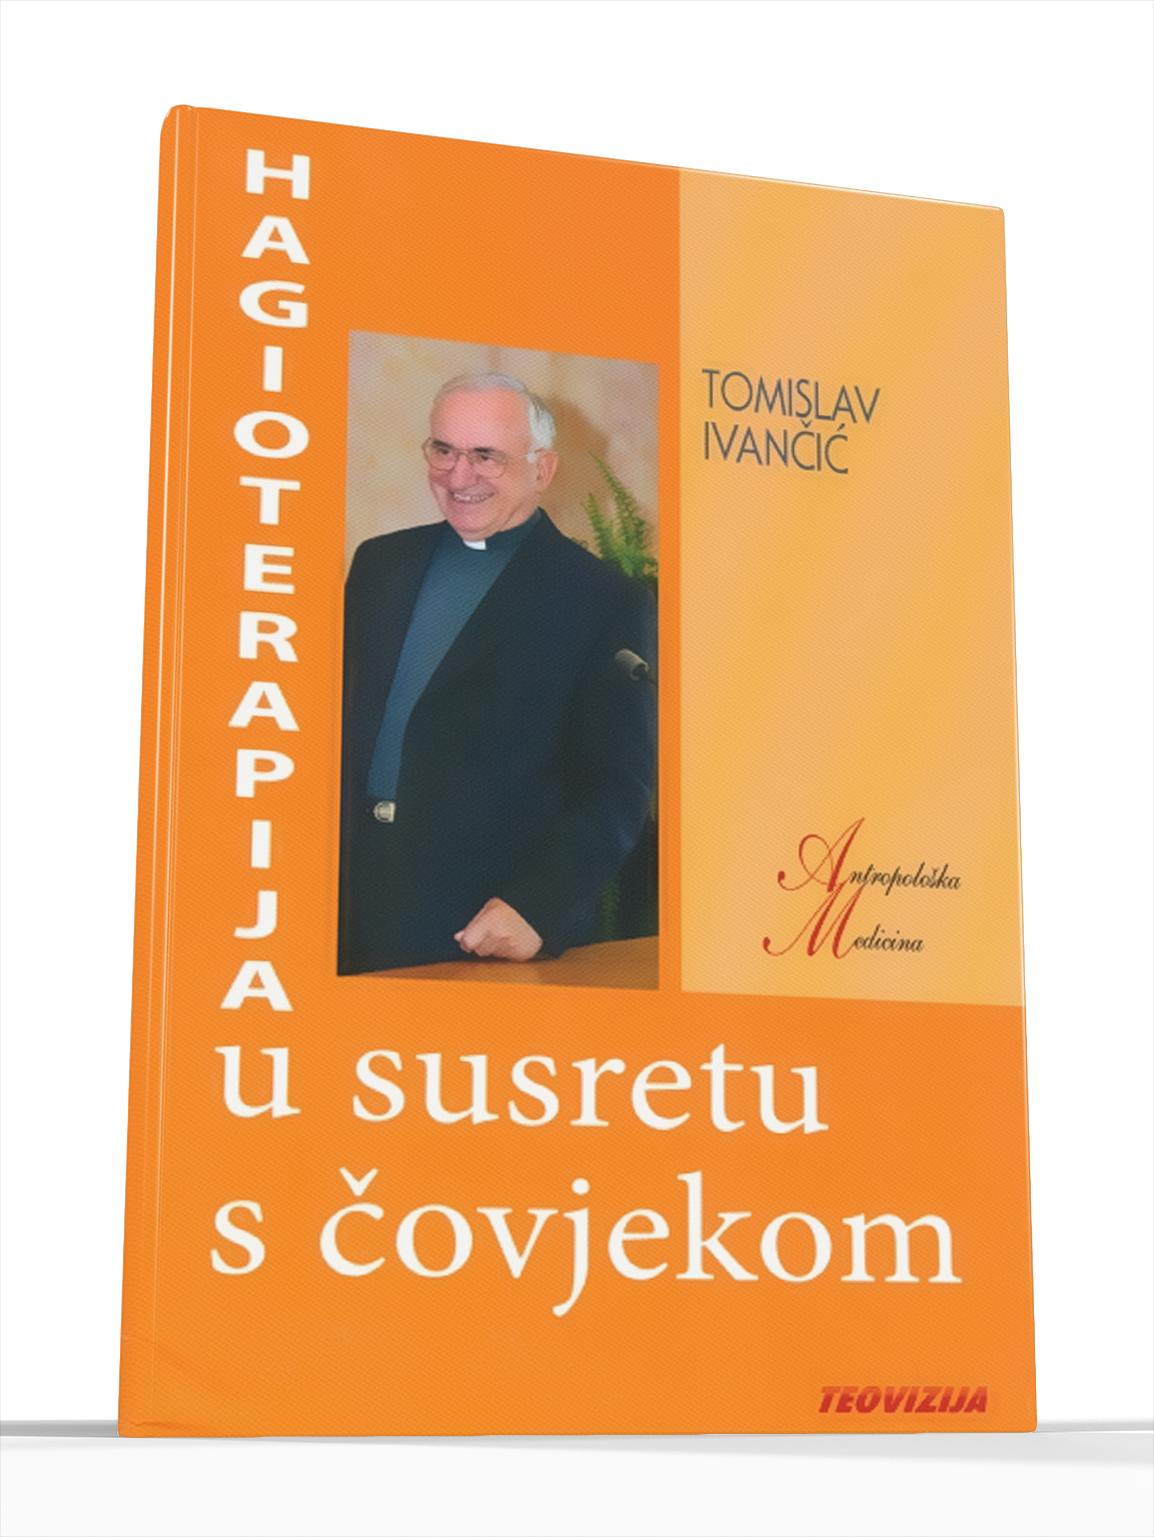 HAGIOTERAPIJA U SUSRETU S ČOVJEKOM (tvrdi uvez) - Tomislav Ivančić